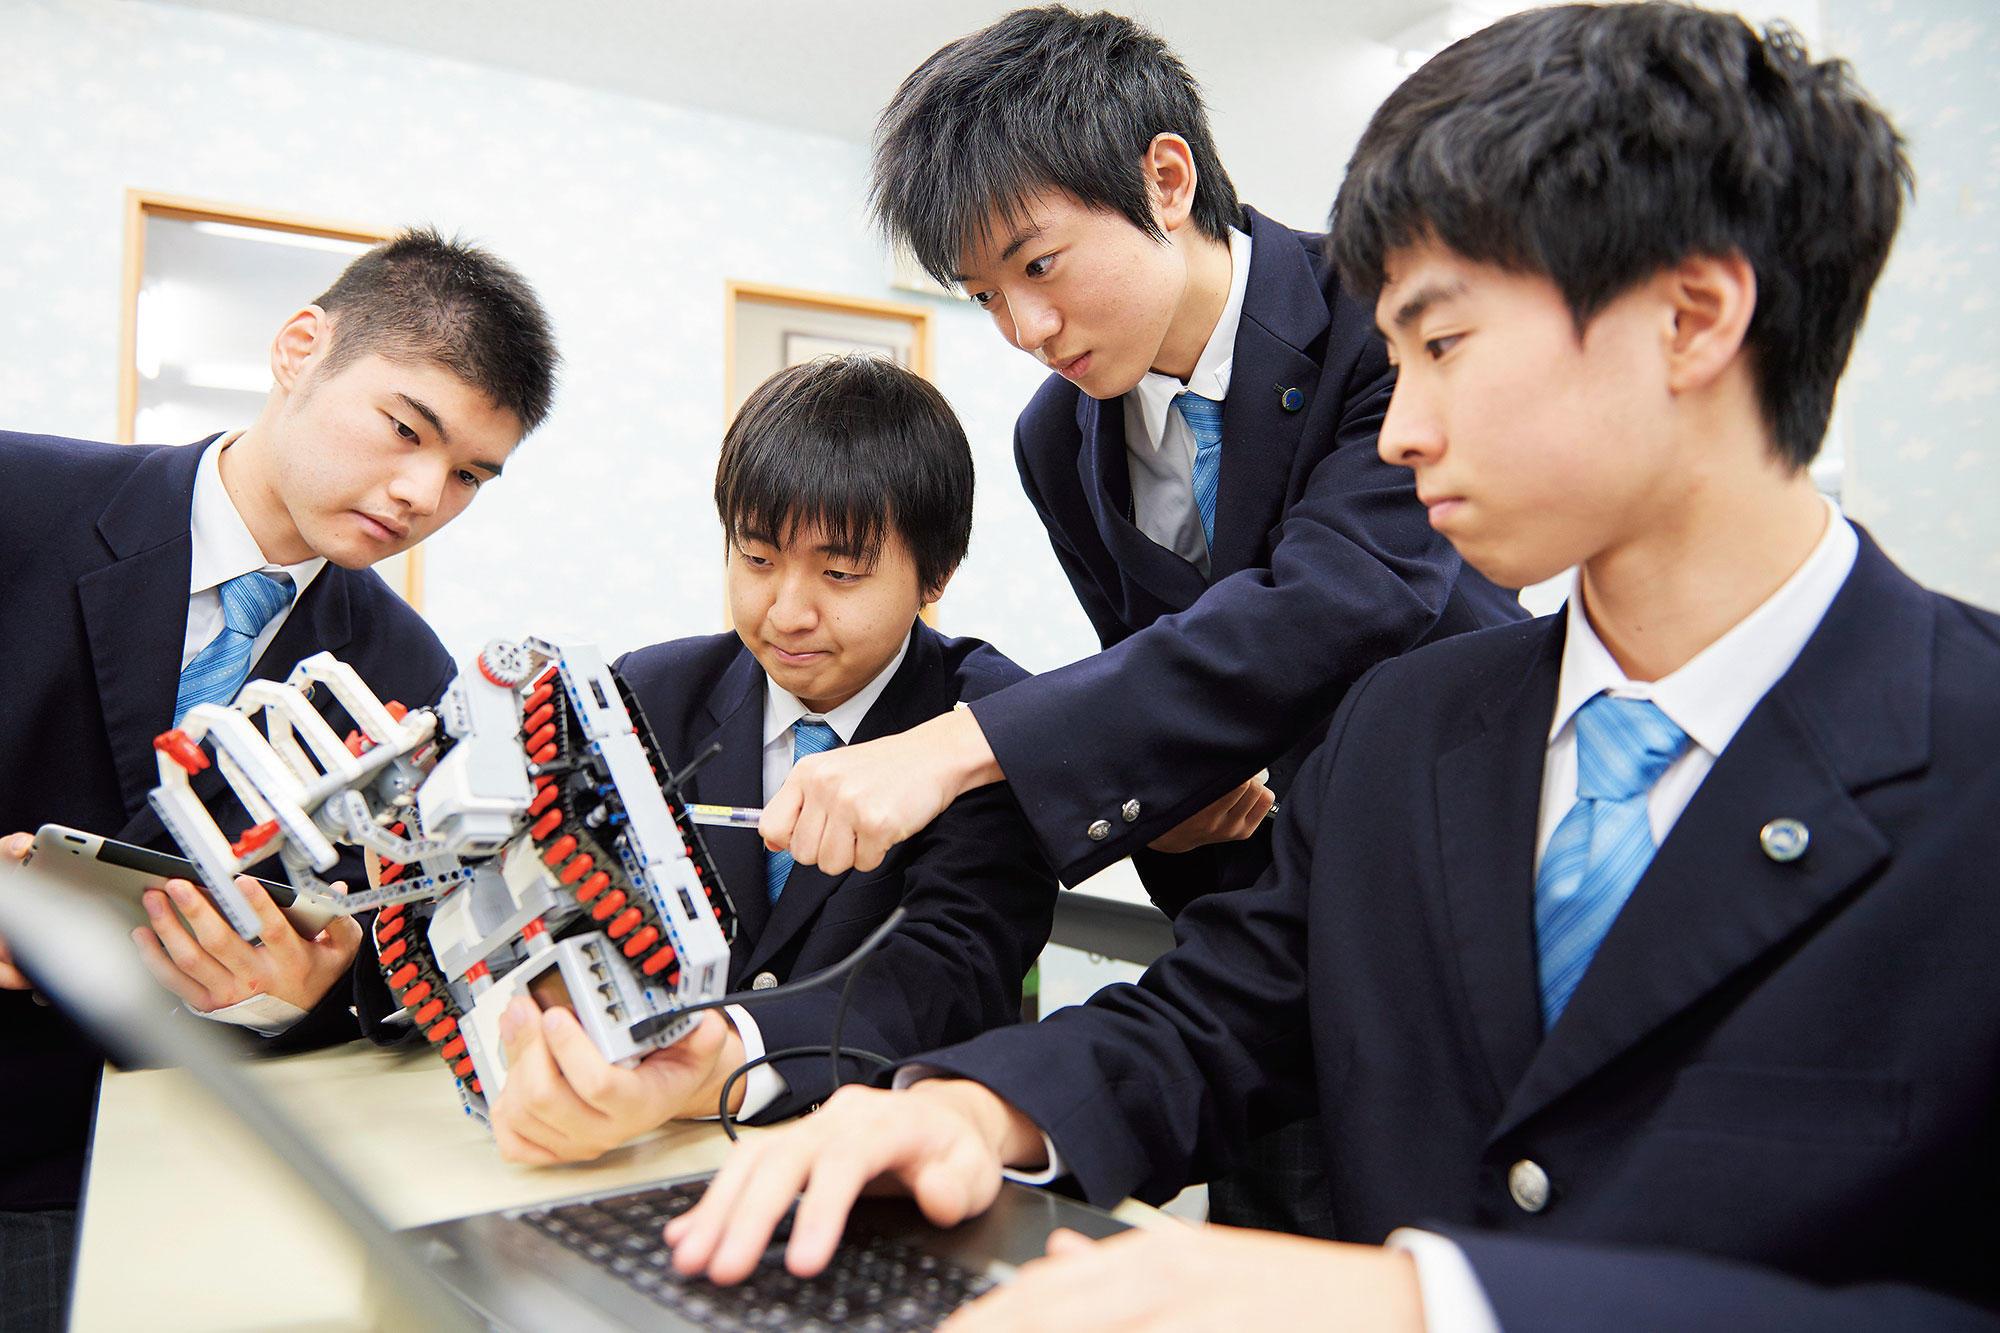 クラーク記念国際高等学校がソニー株式会社と連携し、aiboを題材にした高校生向けロボット授業を実施(産学連携によるロボット教育の現在とこれから)